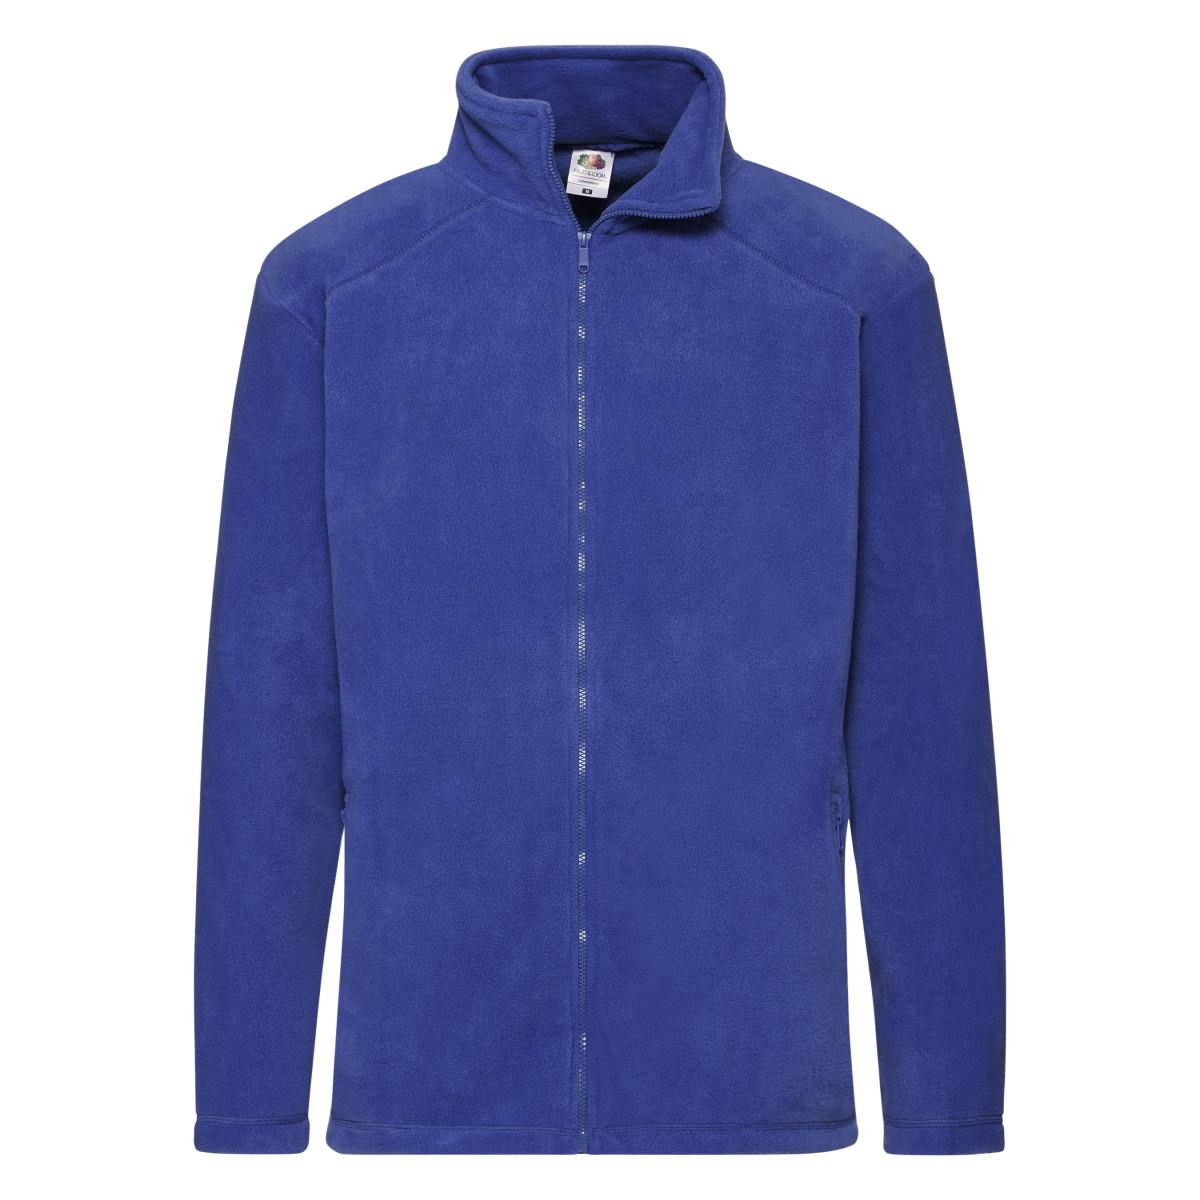 Full Zip Outdoor Fleece